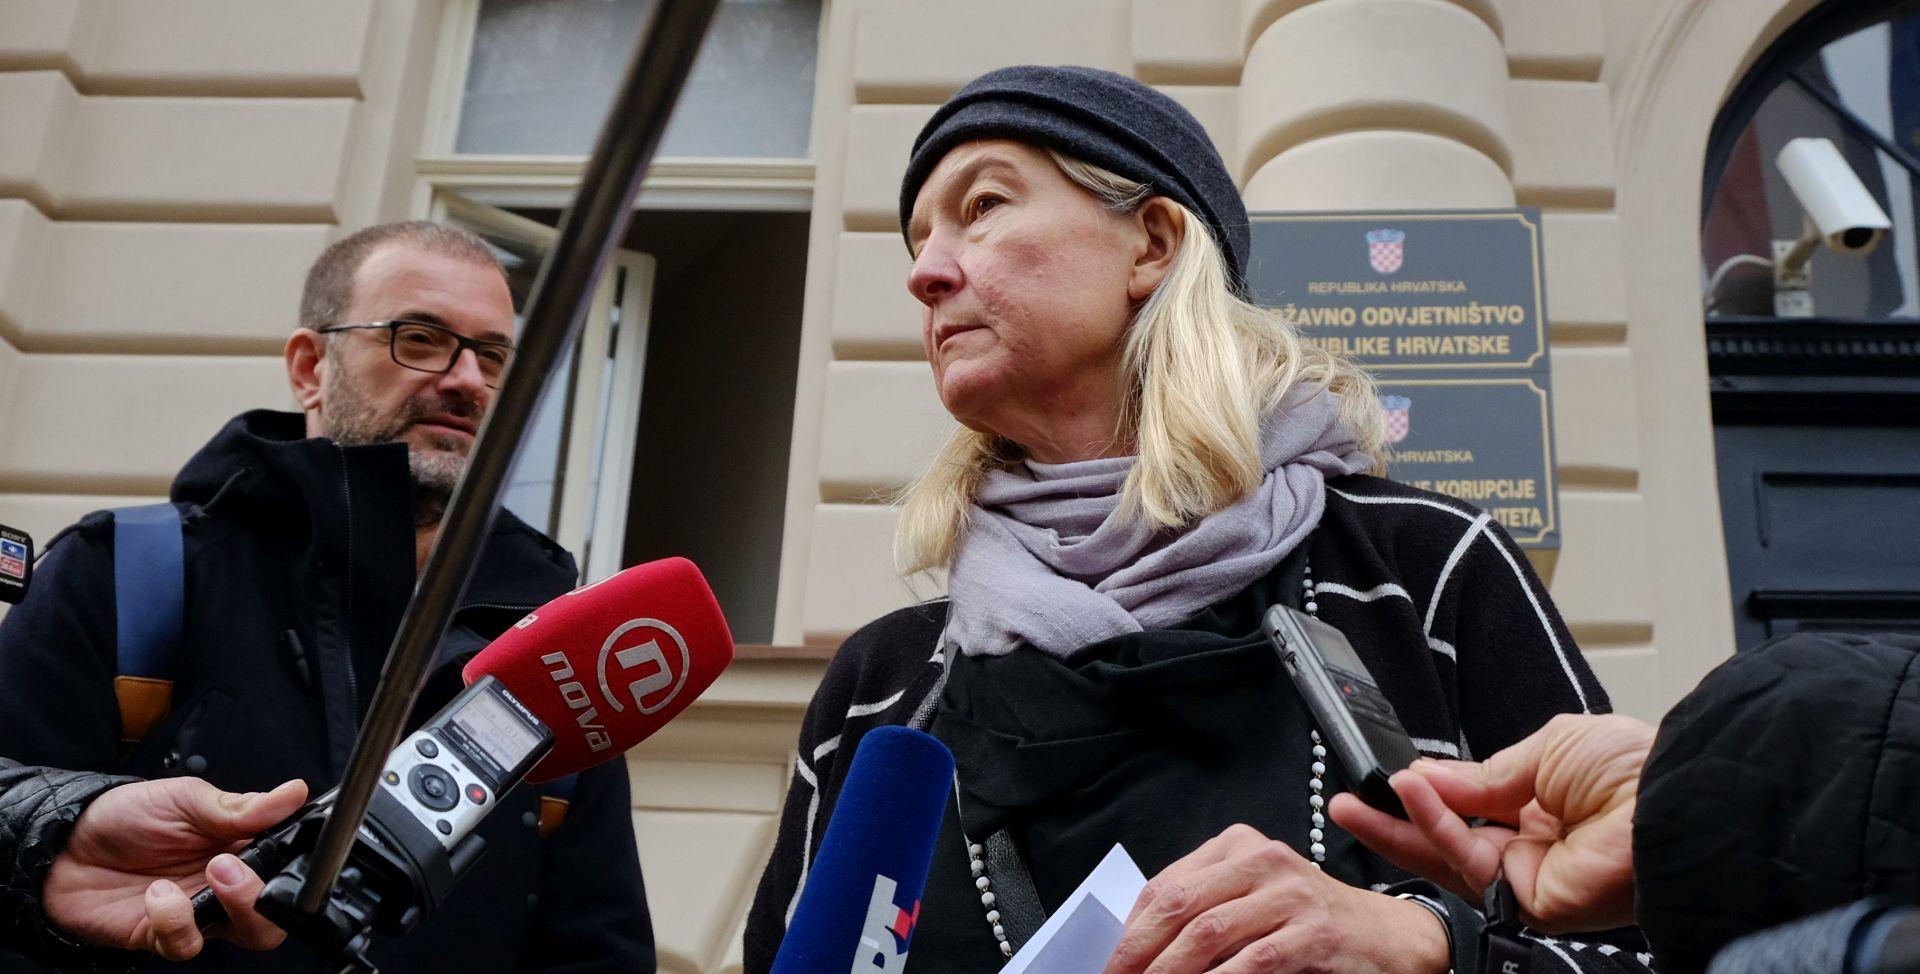 Documenta podnijela kaznenu prijavu zbog ratnog zločina u Bogdanovcima